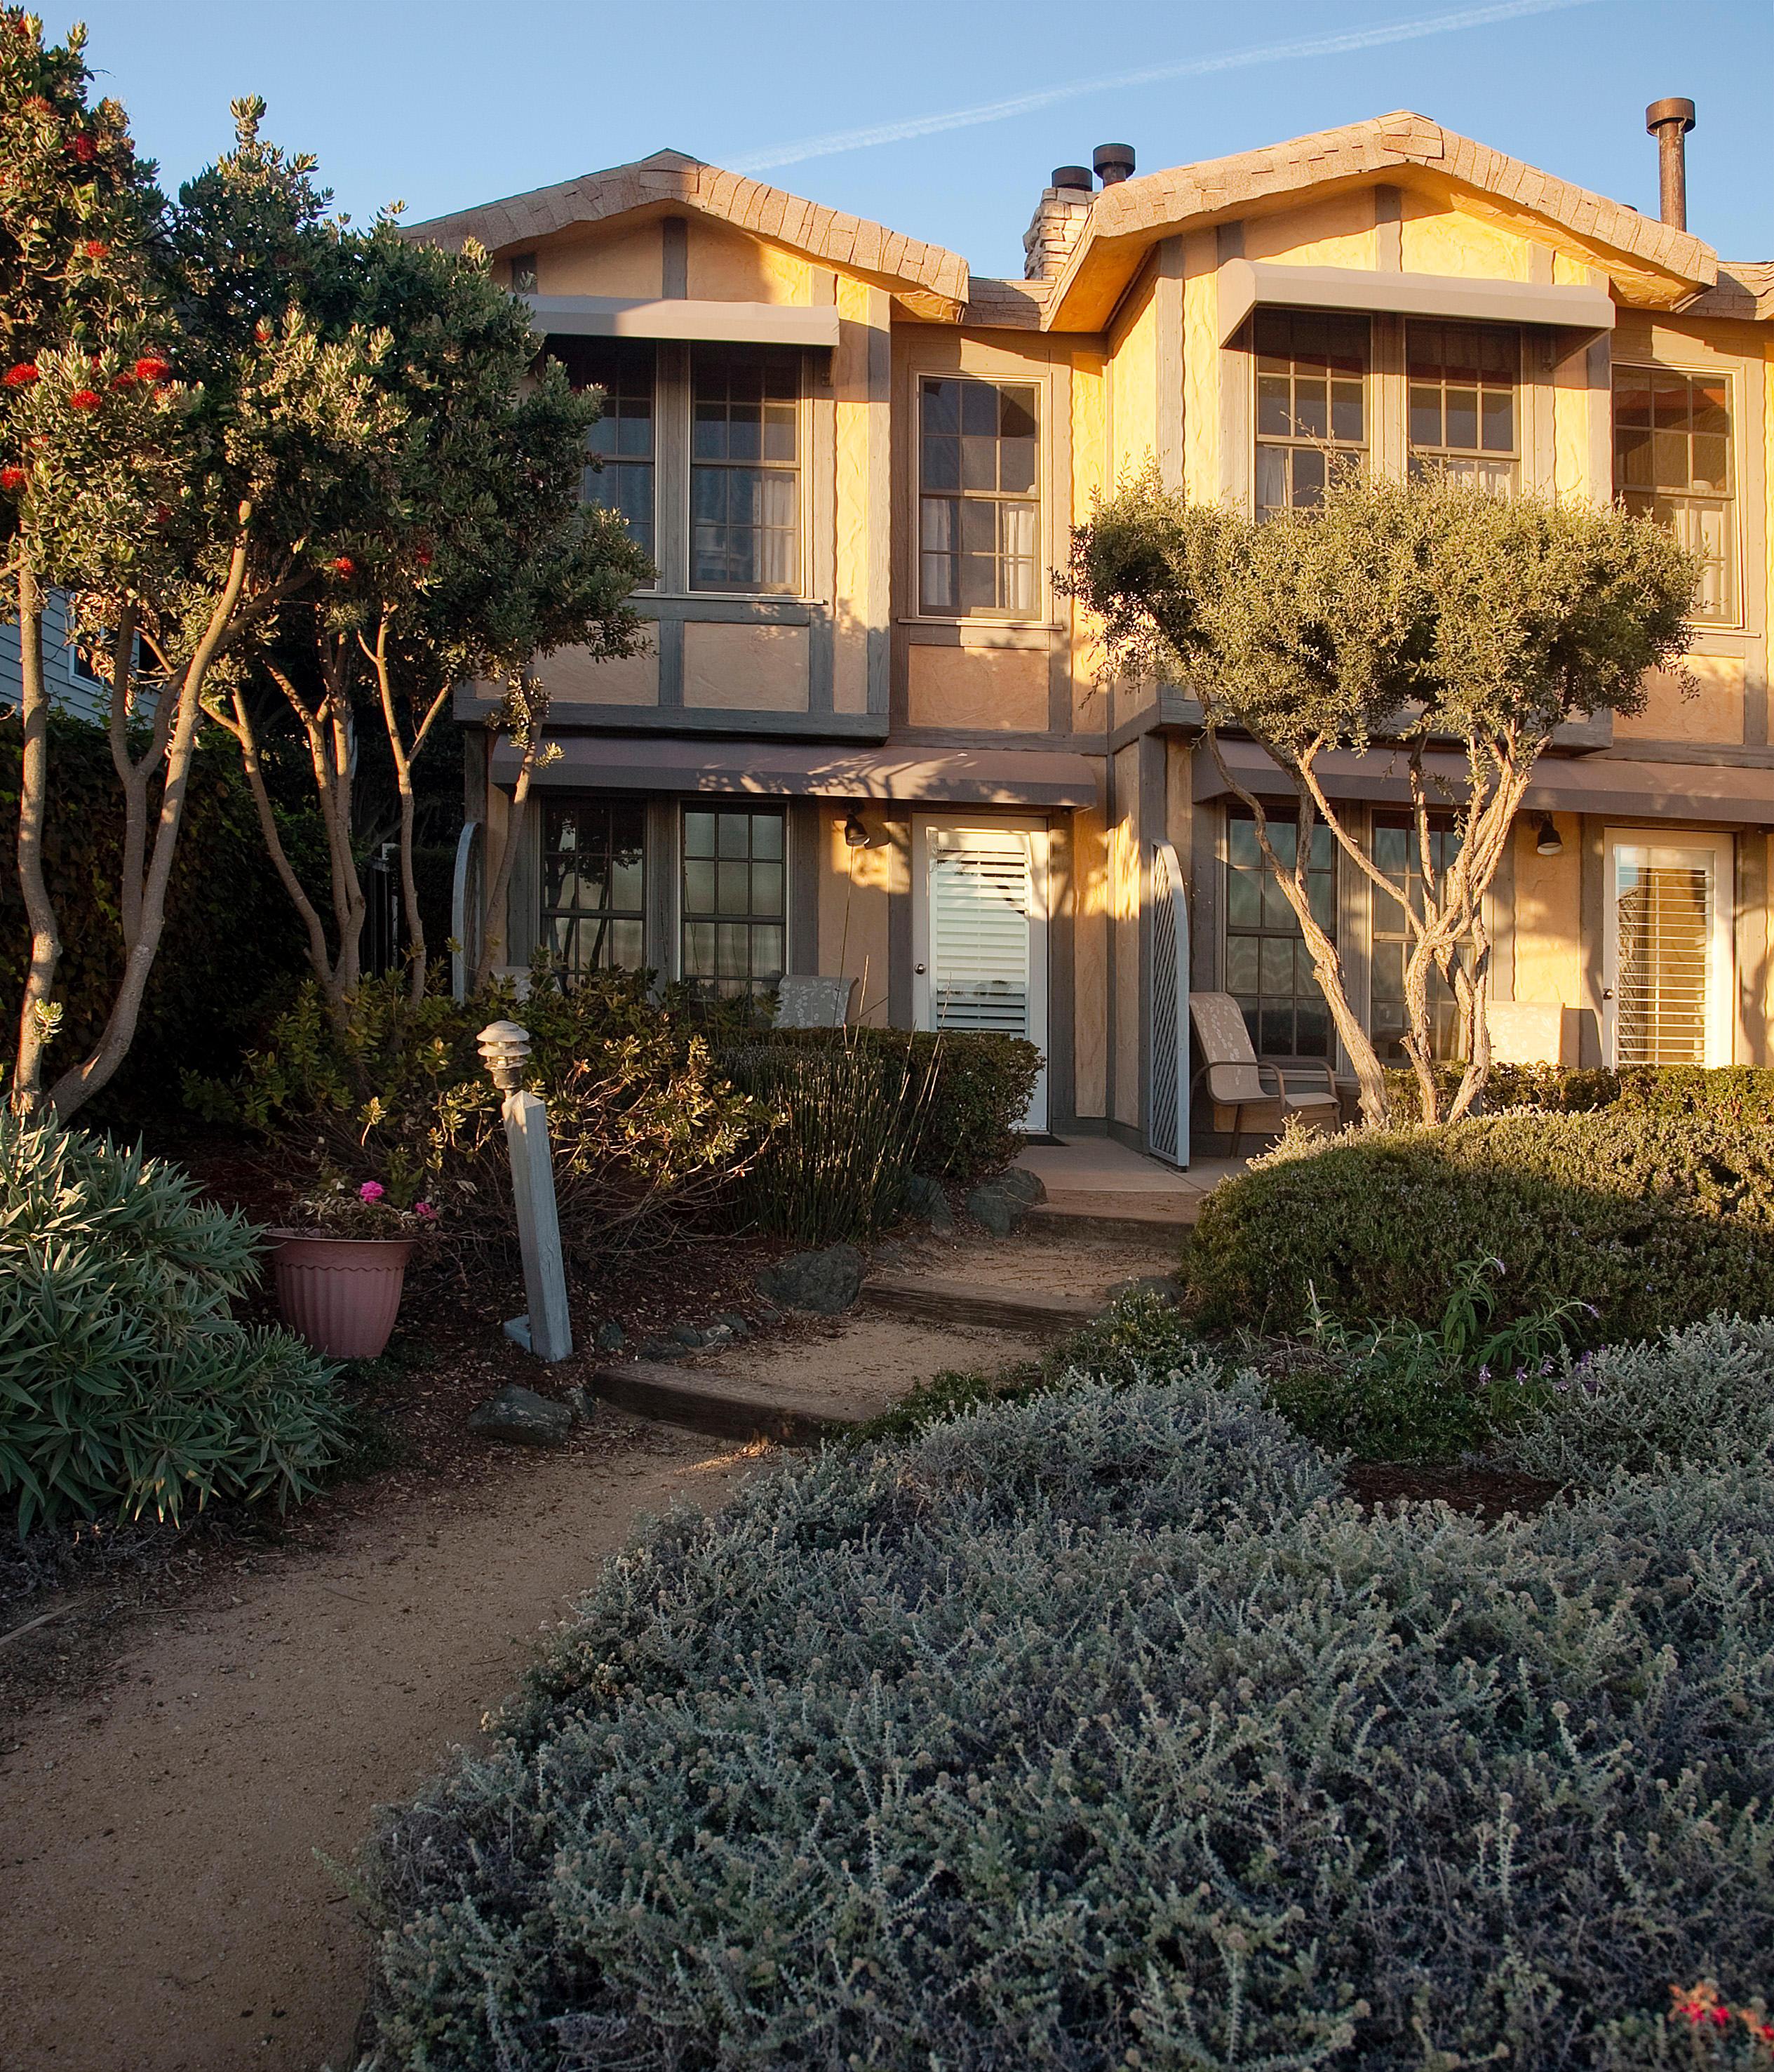 Cottage Inn By The Sea, Pismo Beach California (CA